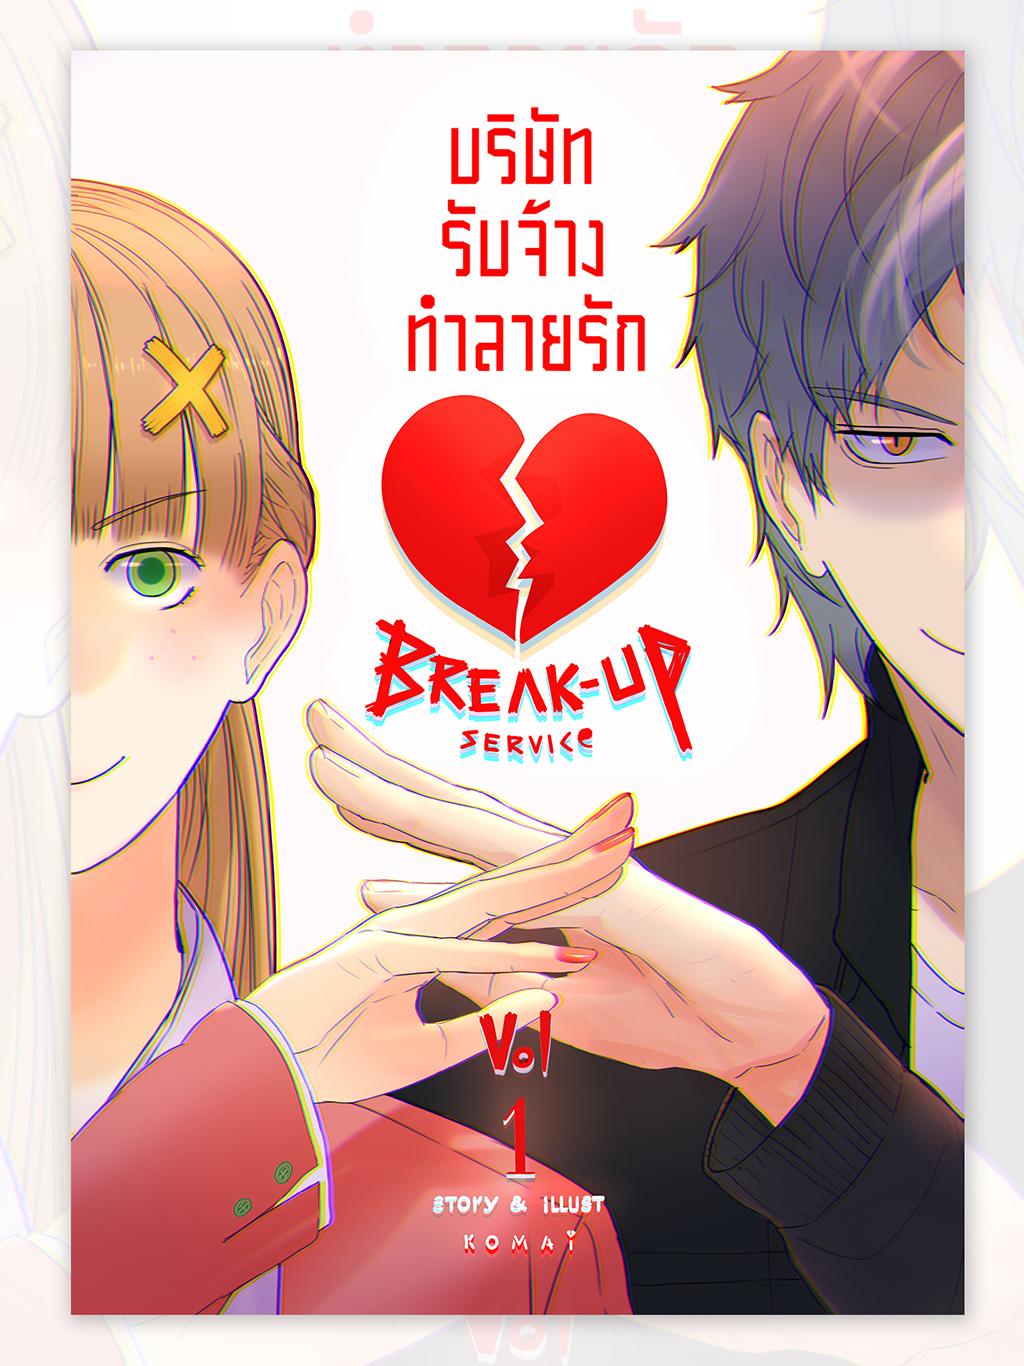 บริษัท รับจ้าง ทำลายรัก Breakup service